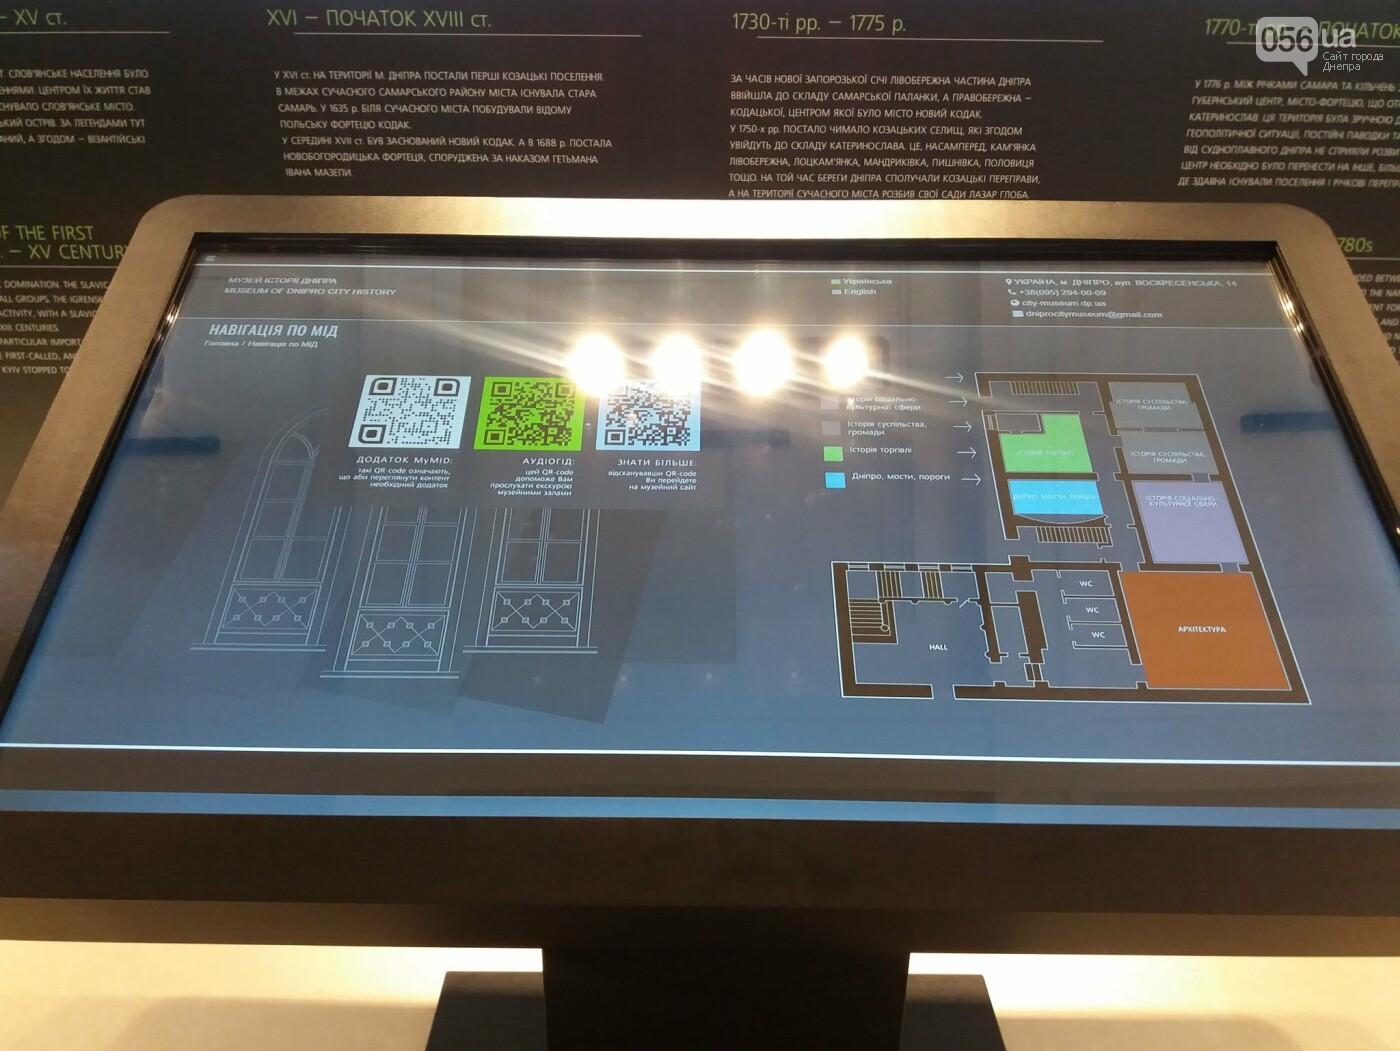 Стоимость экскурсии и входного билета в Музей истории Днепра, фото-2